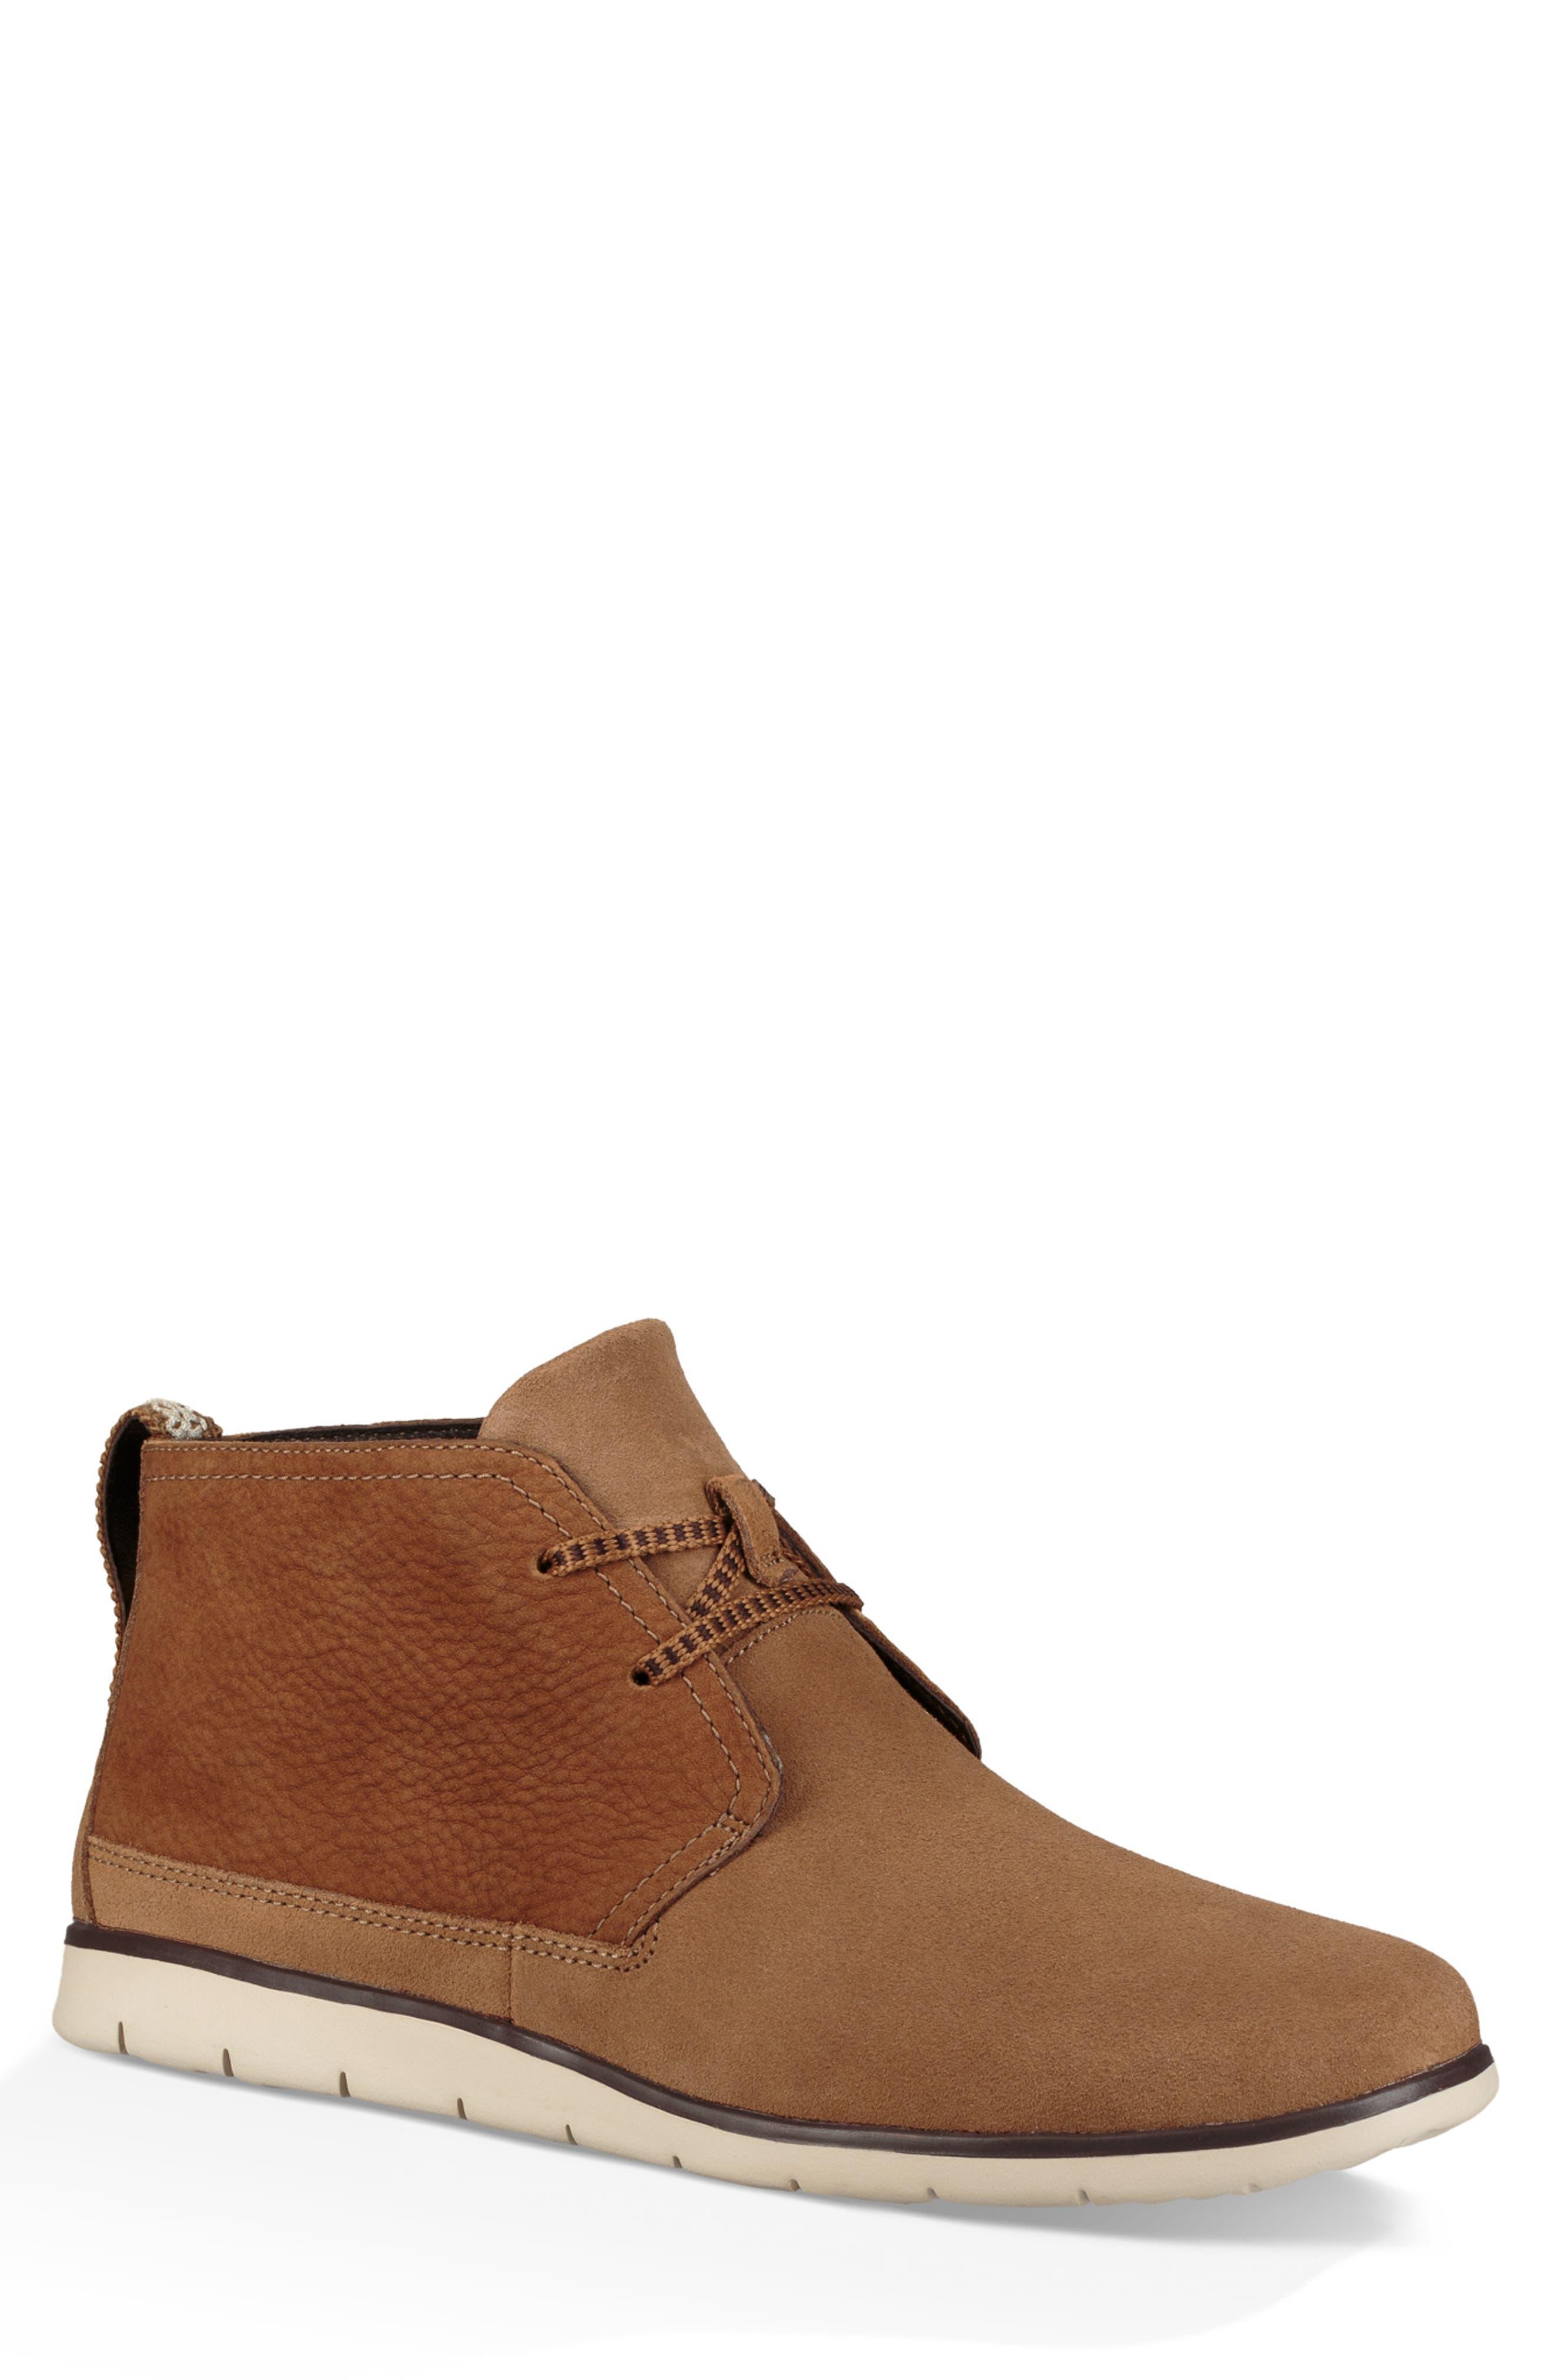 Ugg Freamon Waterproof Chukka Boot- Brown